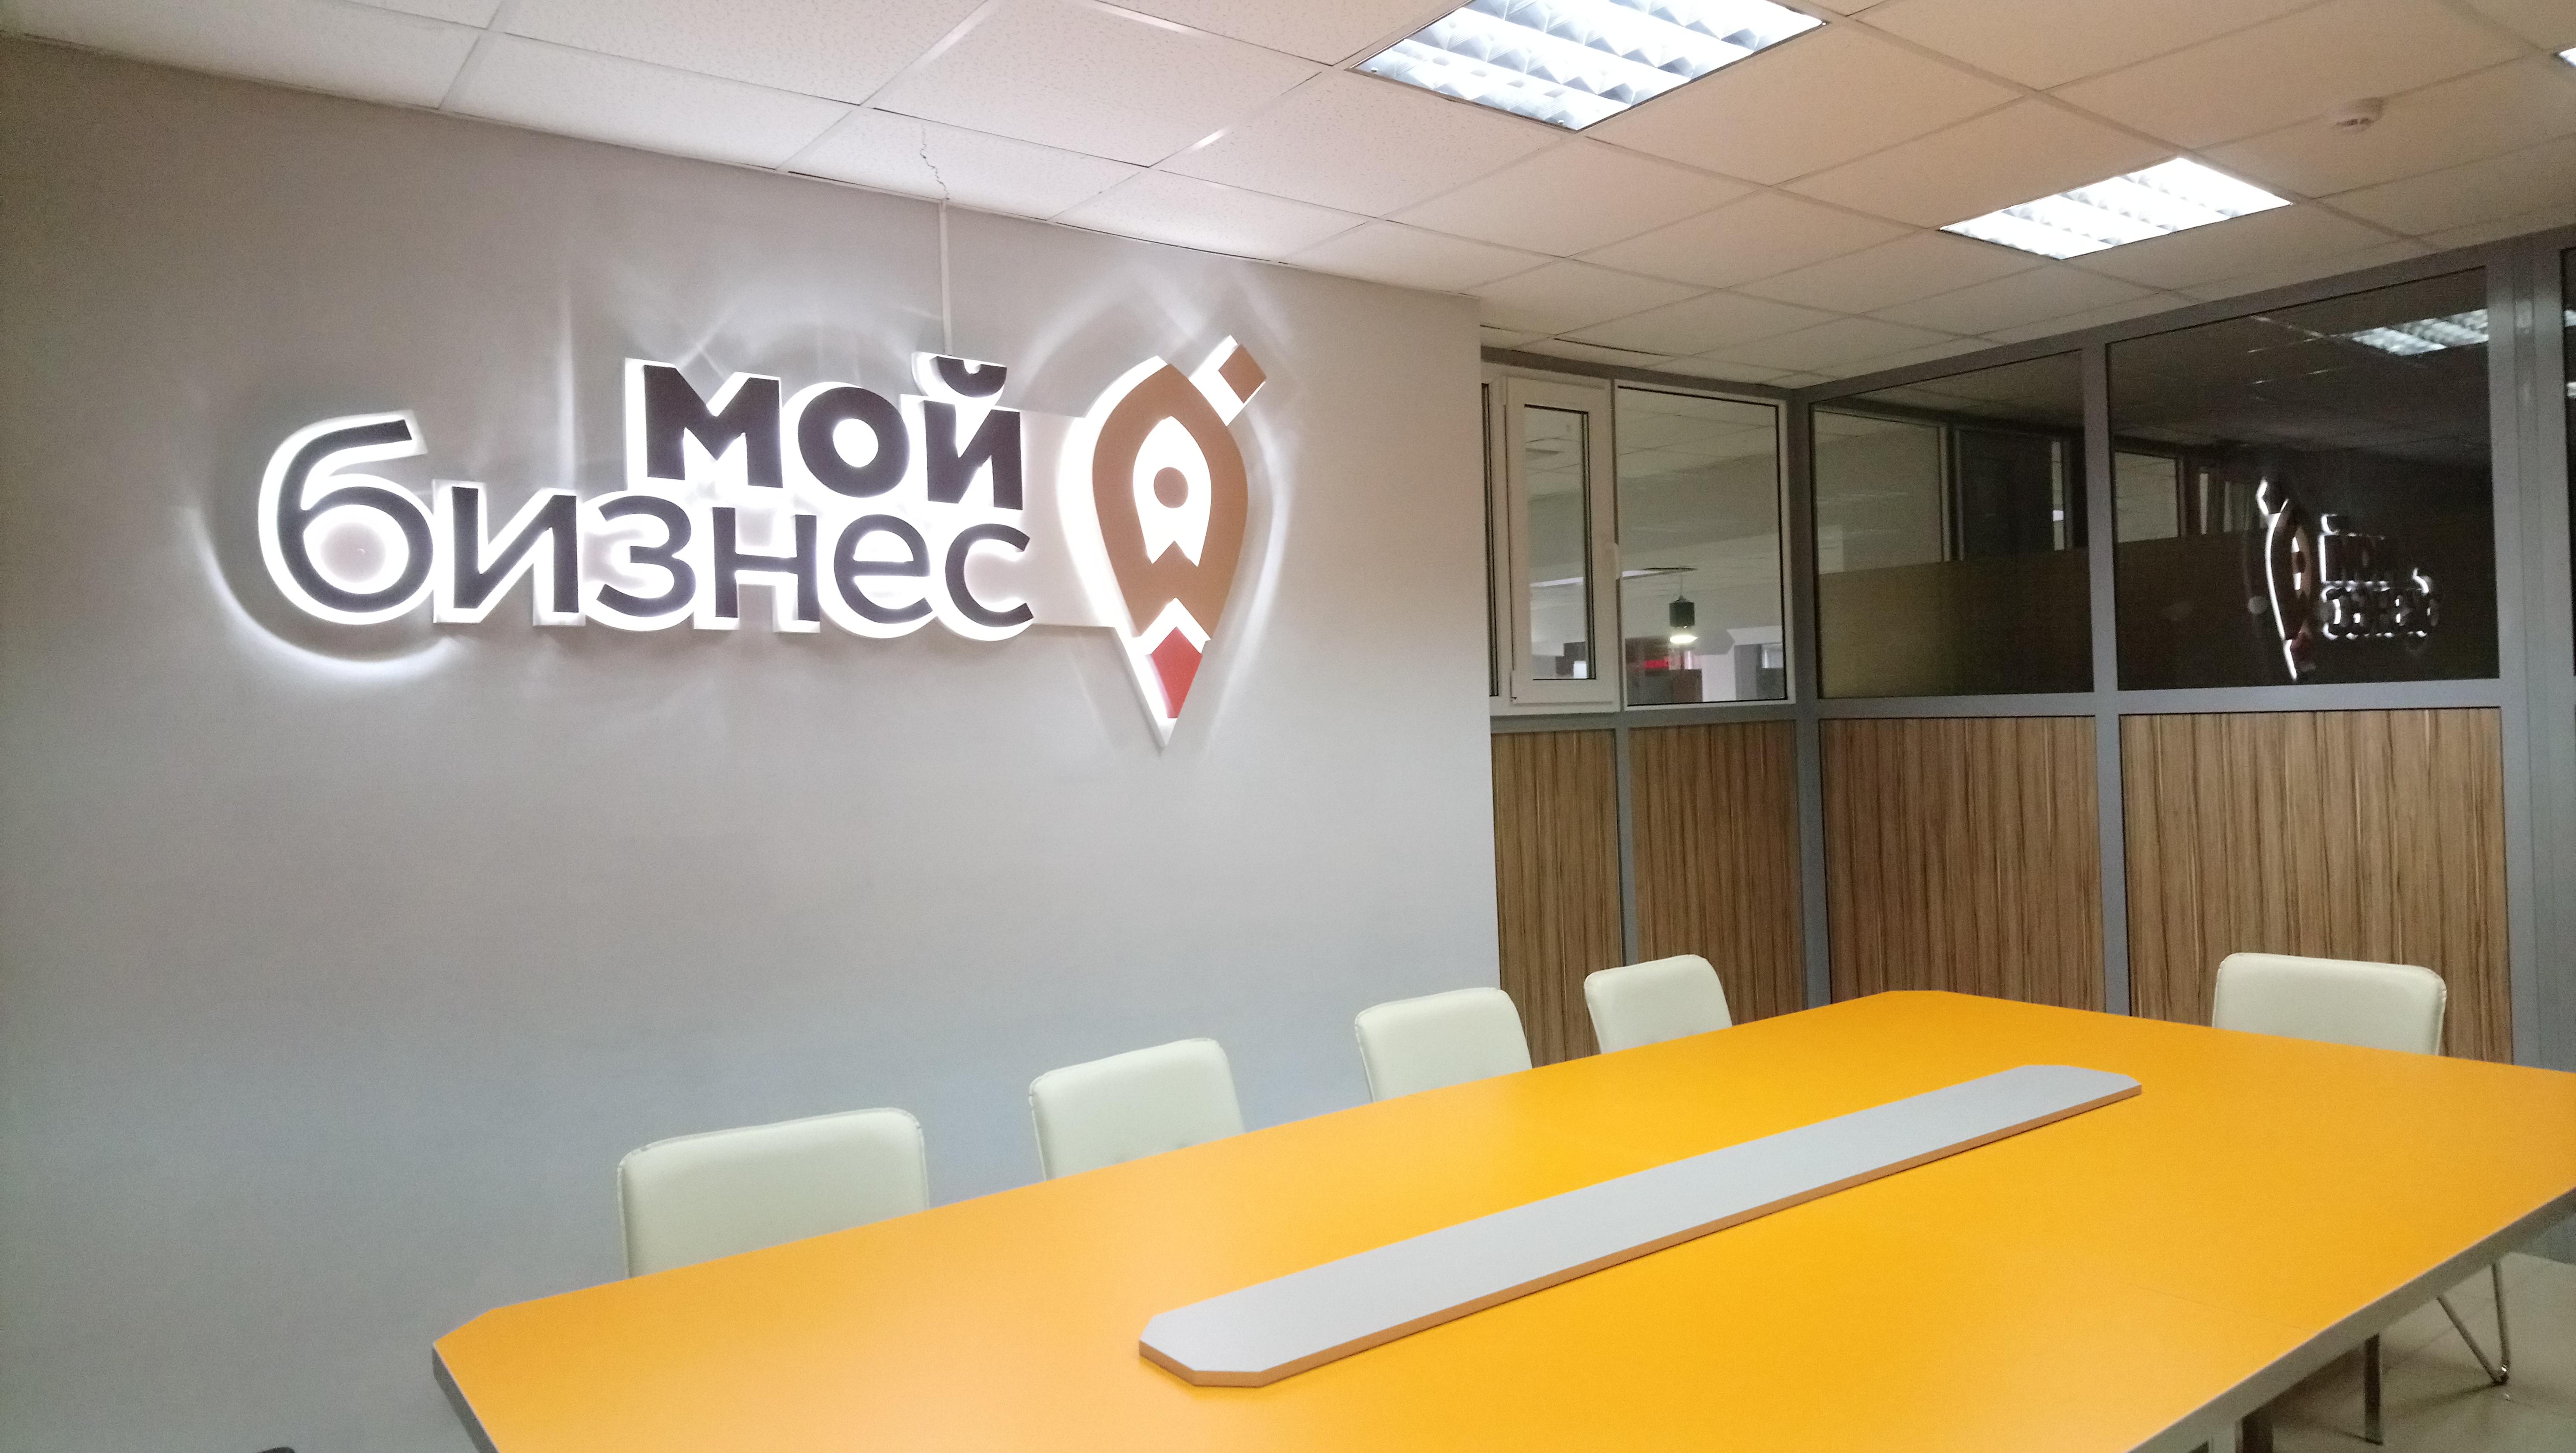 Центр помощи предпринимателям «Мой бизнес» в ближайшее время откроется  во Владикавказе